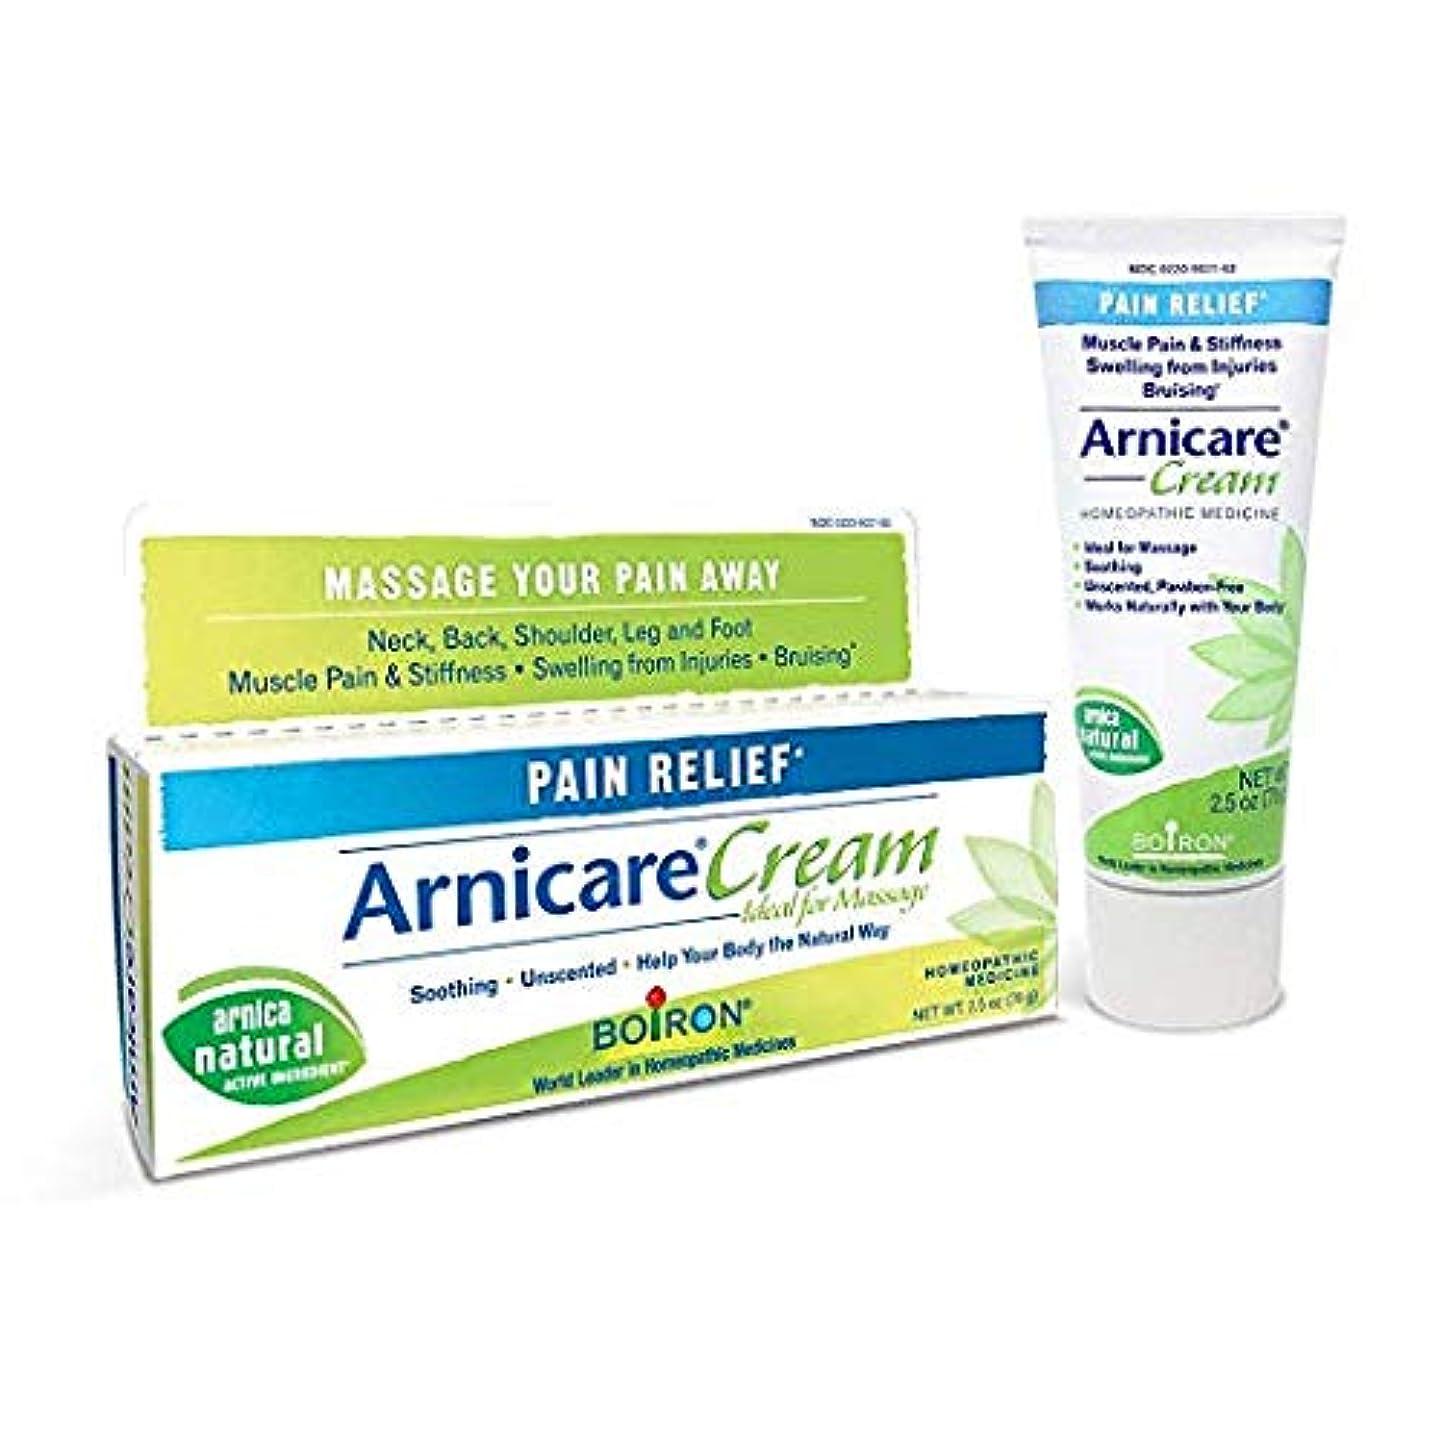 ホース未来床を掃除するボイロン アルニカクリーム Boiron Arnicare Cream 2.5 Ounces Topical Pain Relief Cream [並行輸入品]